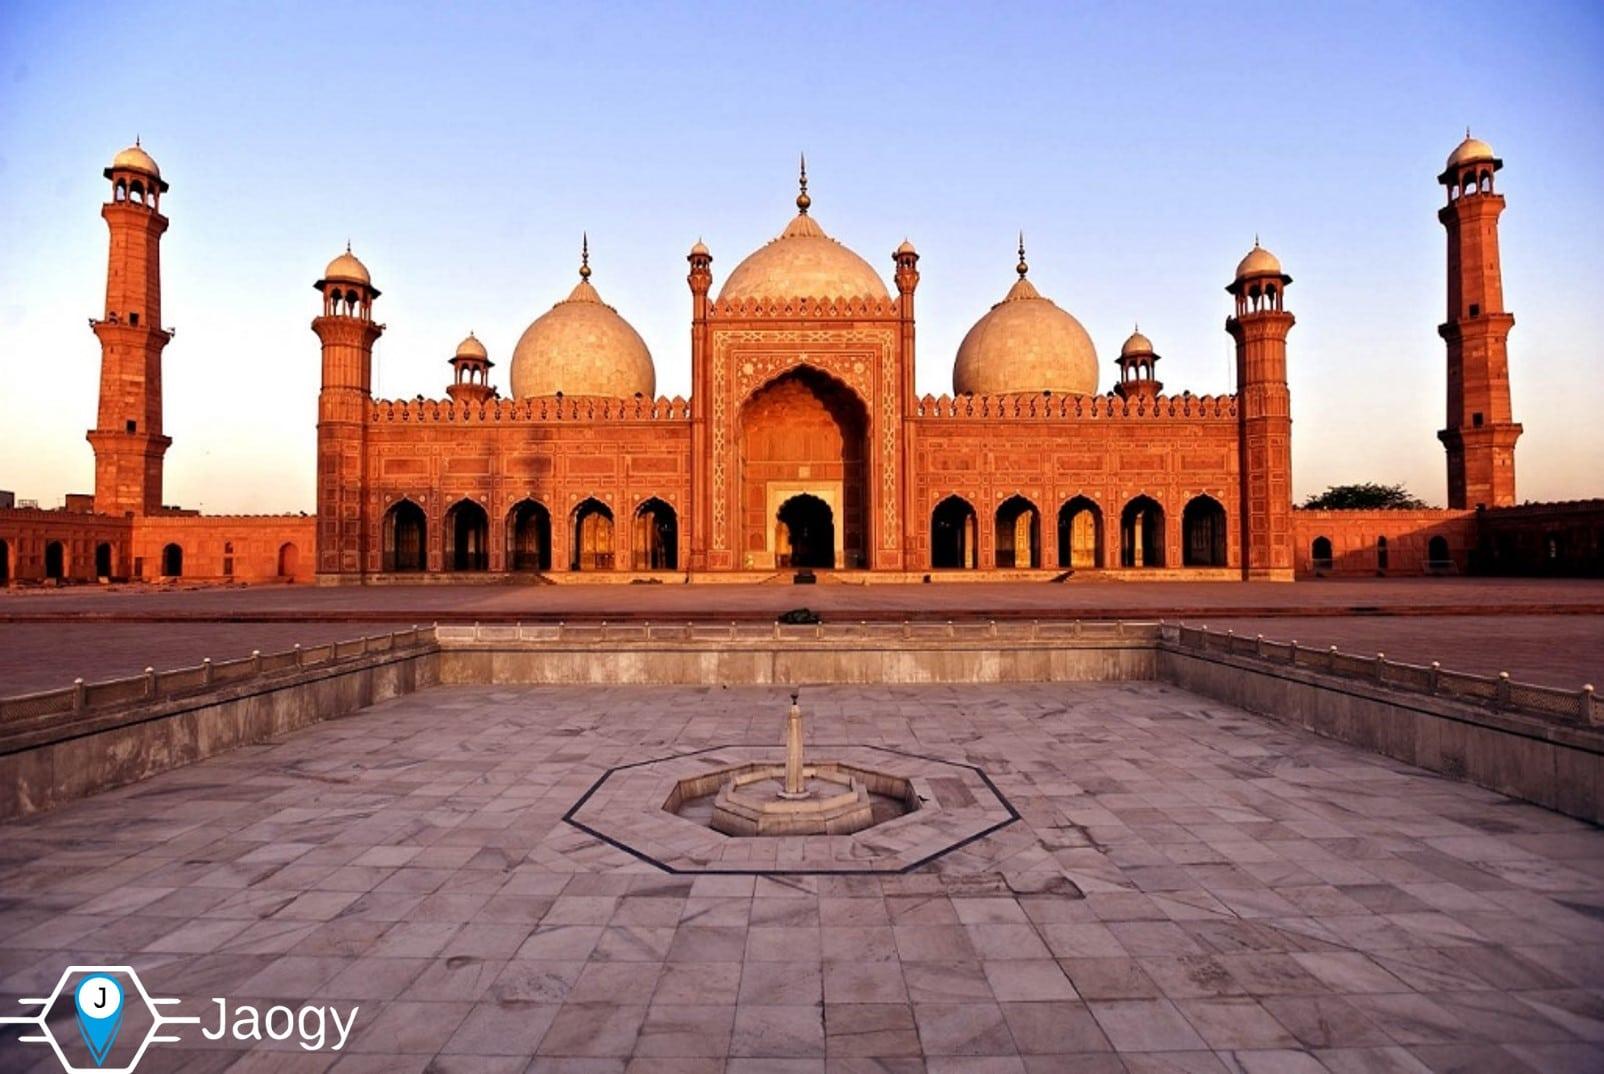 Badshahi masjid Lahore Punjab Jaogy